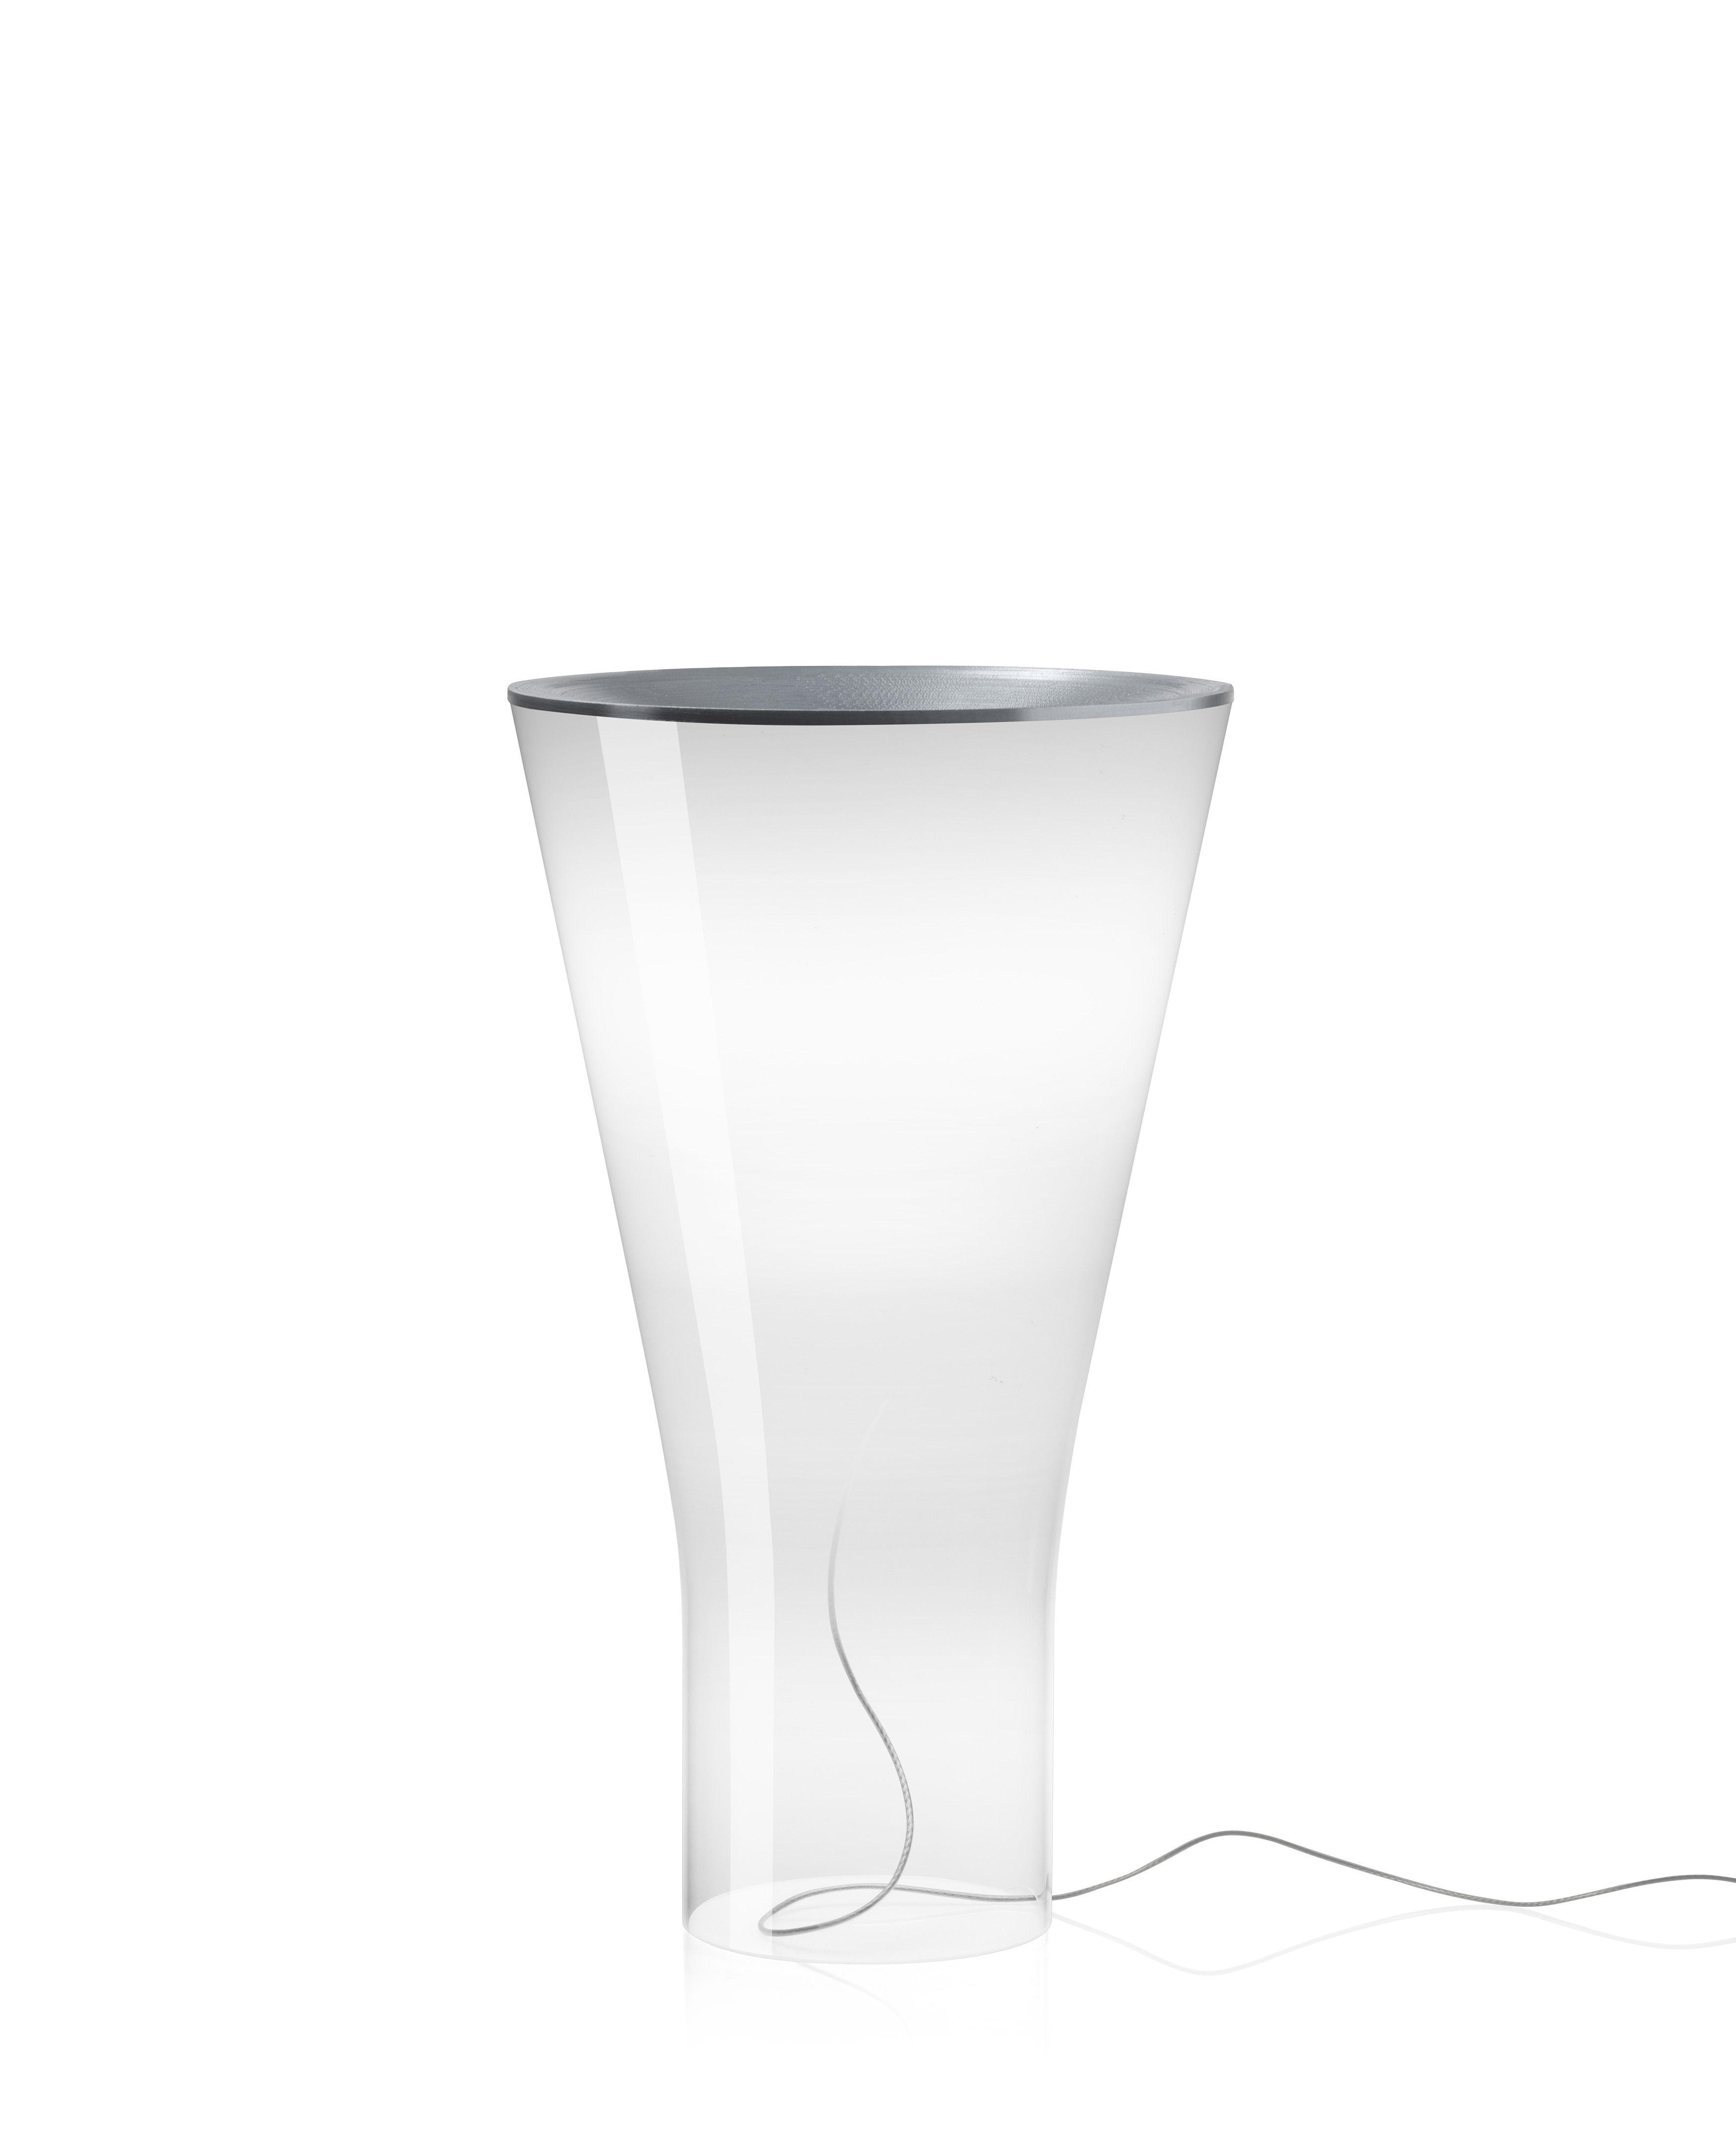 Leuchten - Tischleuchten - Soffio LED Tischleuchte / Glas - H 50 cm - Foscarini - Weiß / transparent - Aluminium, mundgeblasenes Glas